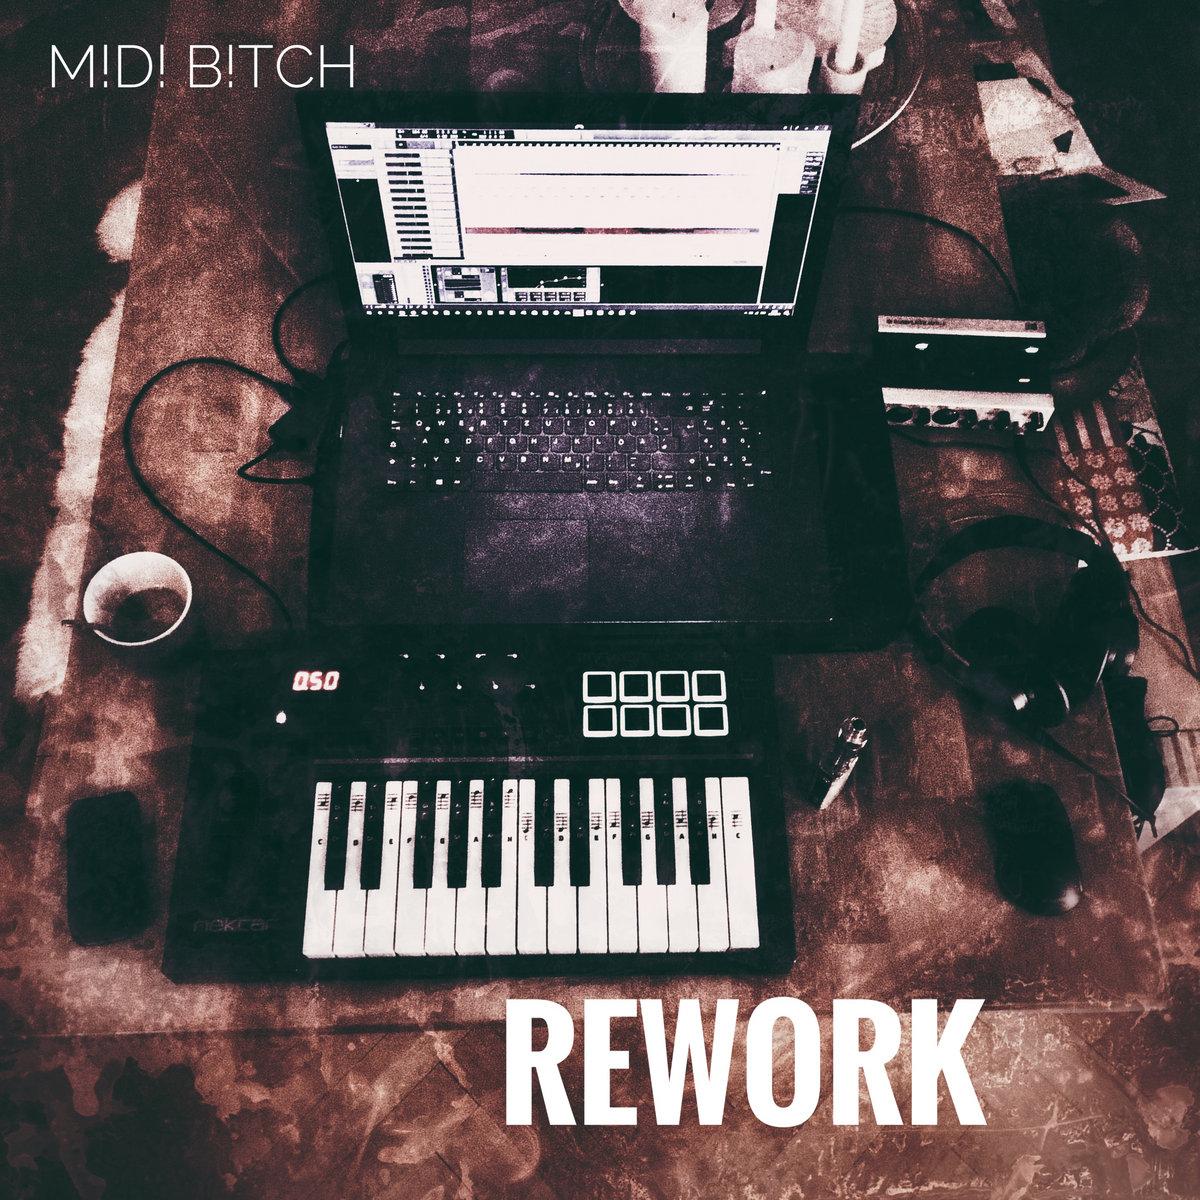 M!D! B!TCH - REWORK